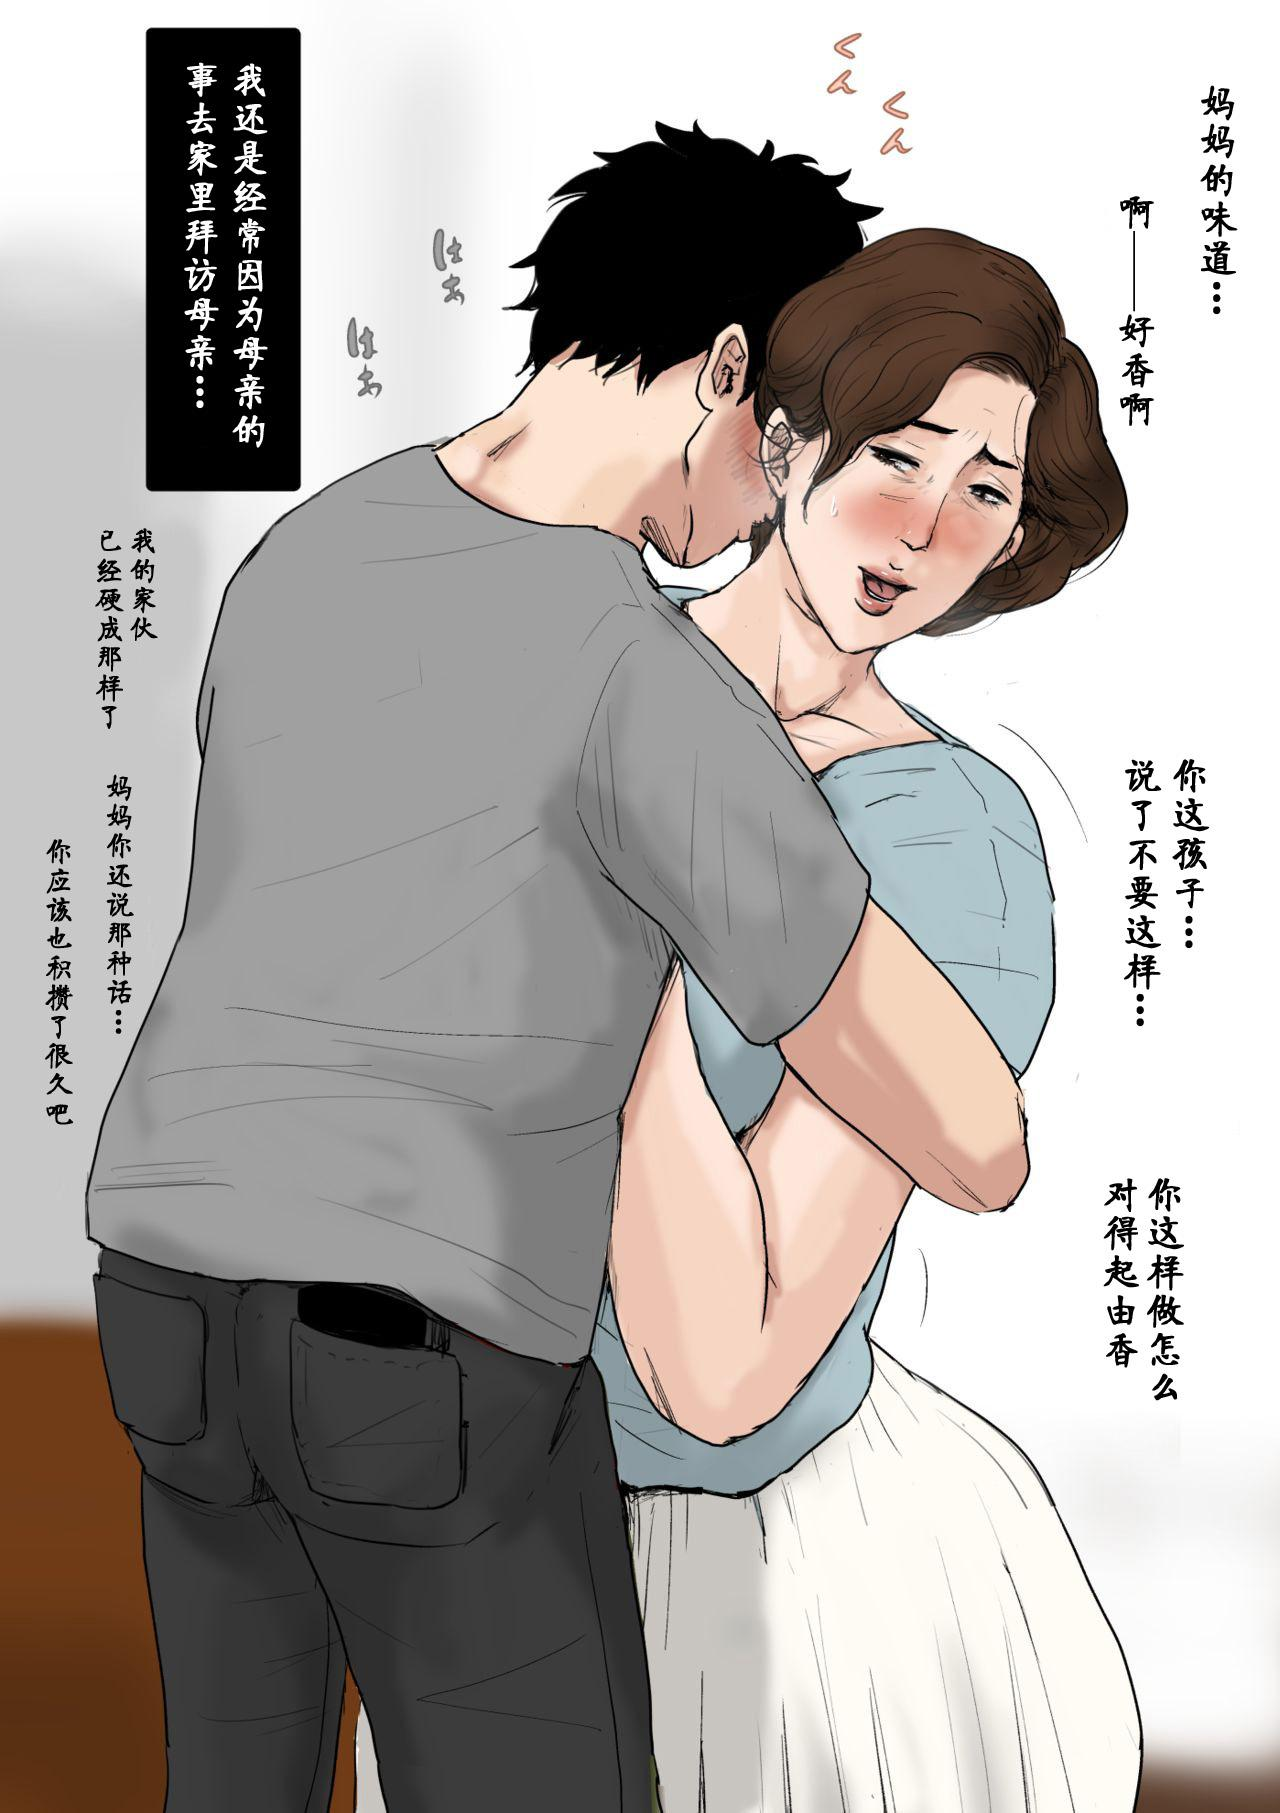 [Oozora Kaiko] Kaa-san to Ore no 20-nenshi ~Waga Ie no Kinshin Soukan Kaikoroku [Chinese] [金麦基个人汉化] 35